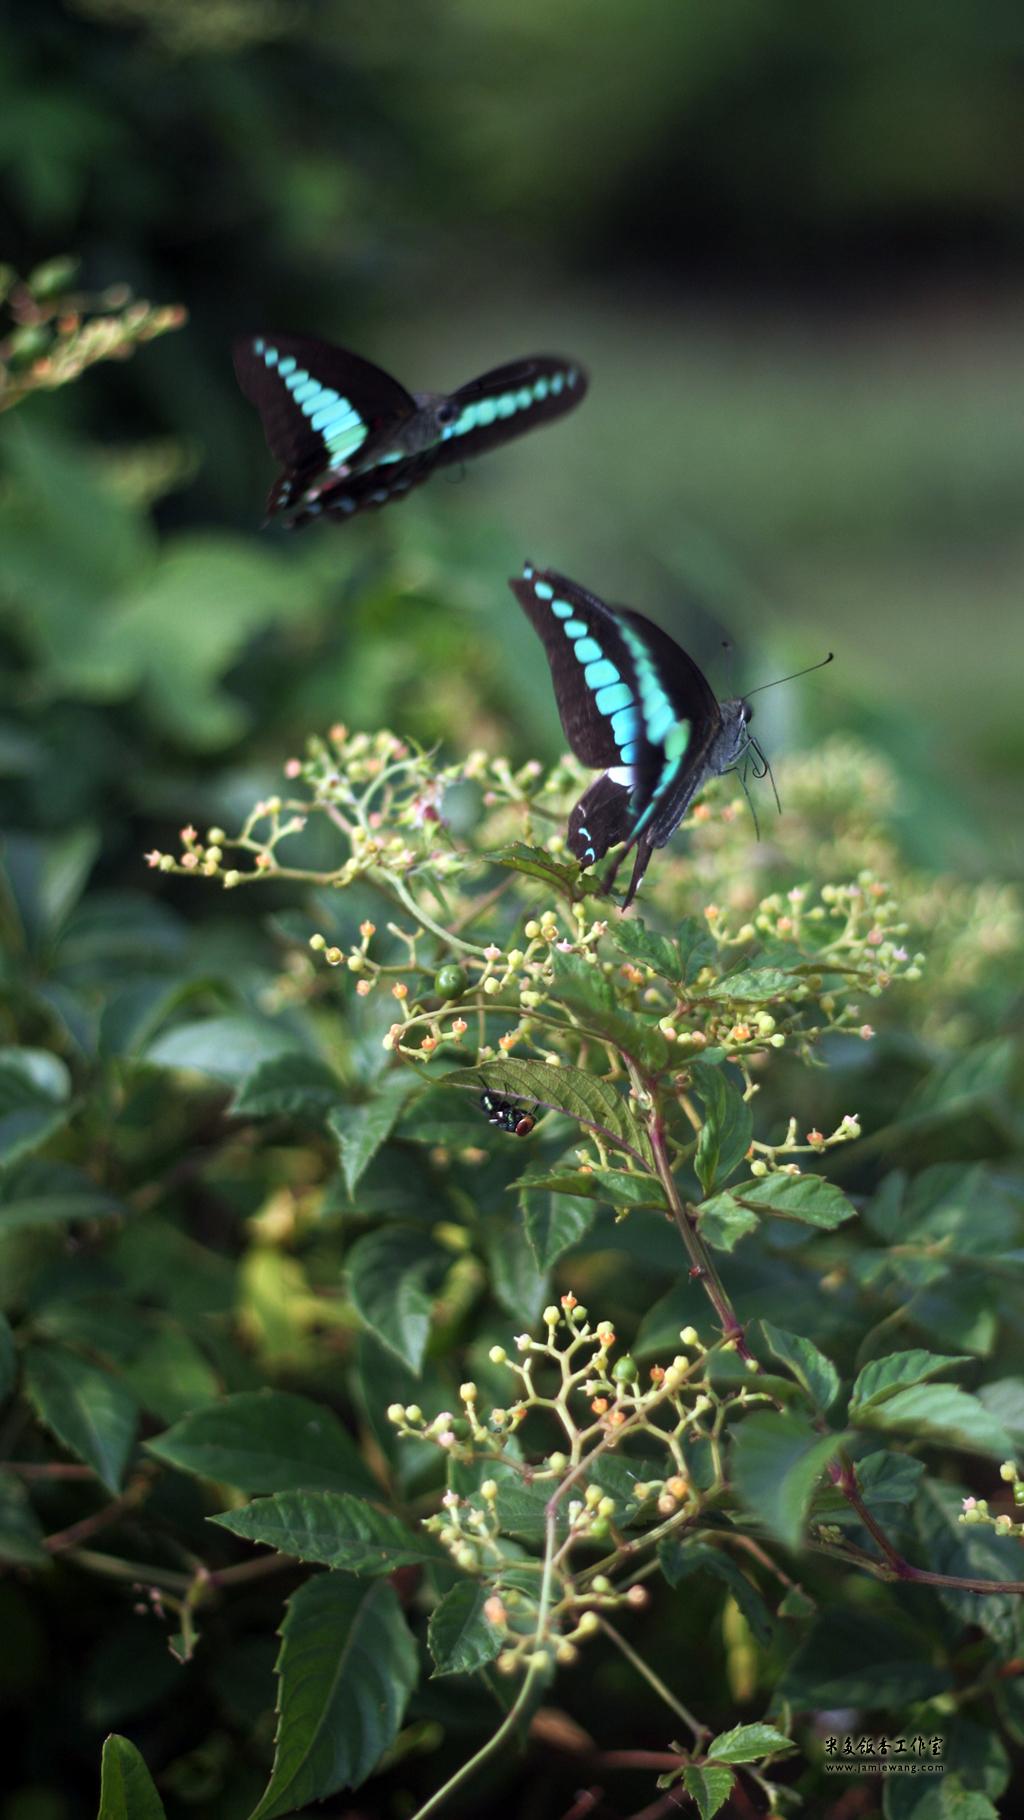 莫愁湖畔莫愁蝶 - butterfly - 1024X576 - 米多饭香工作室 - Jamie's Mind Lab - jamiewang.com - 013